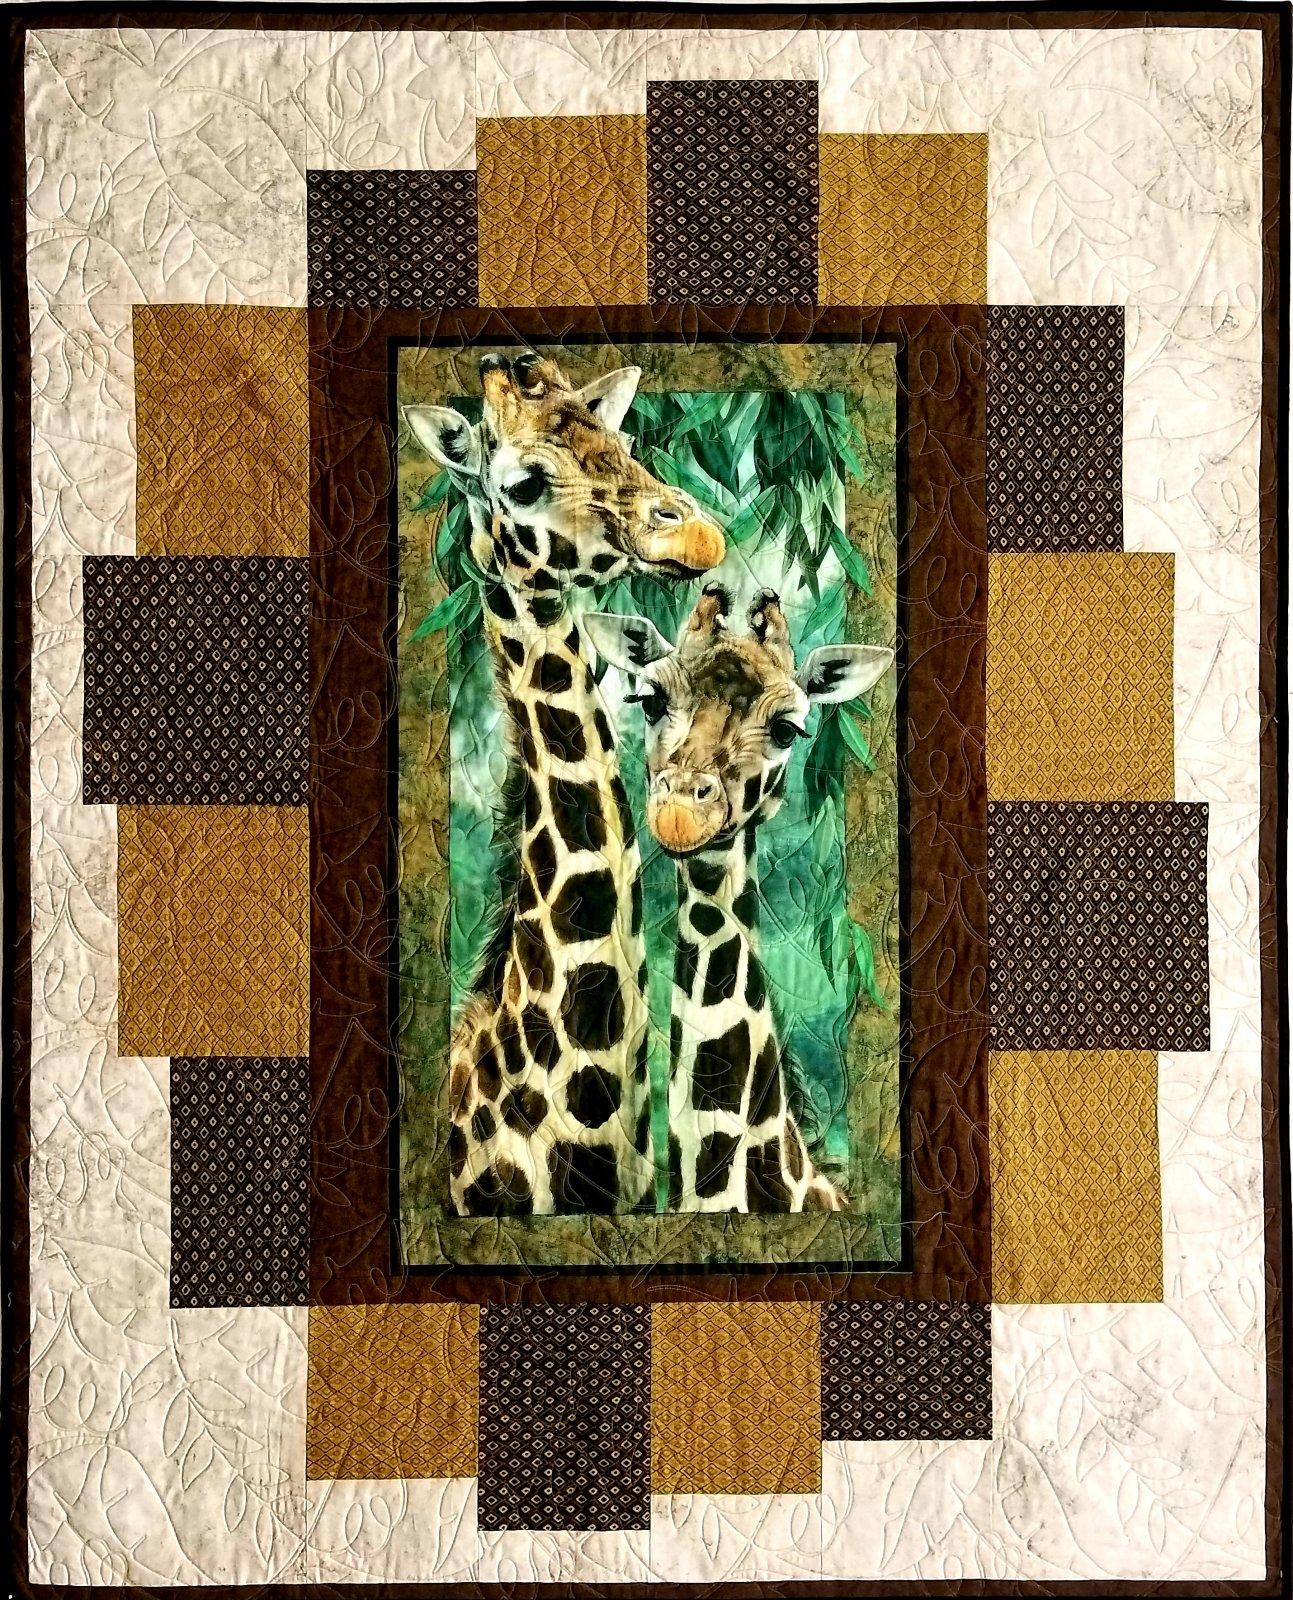 Giraffe Quilt/ Wall Hanging